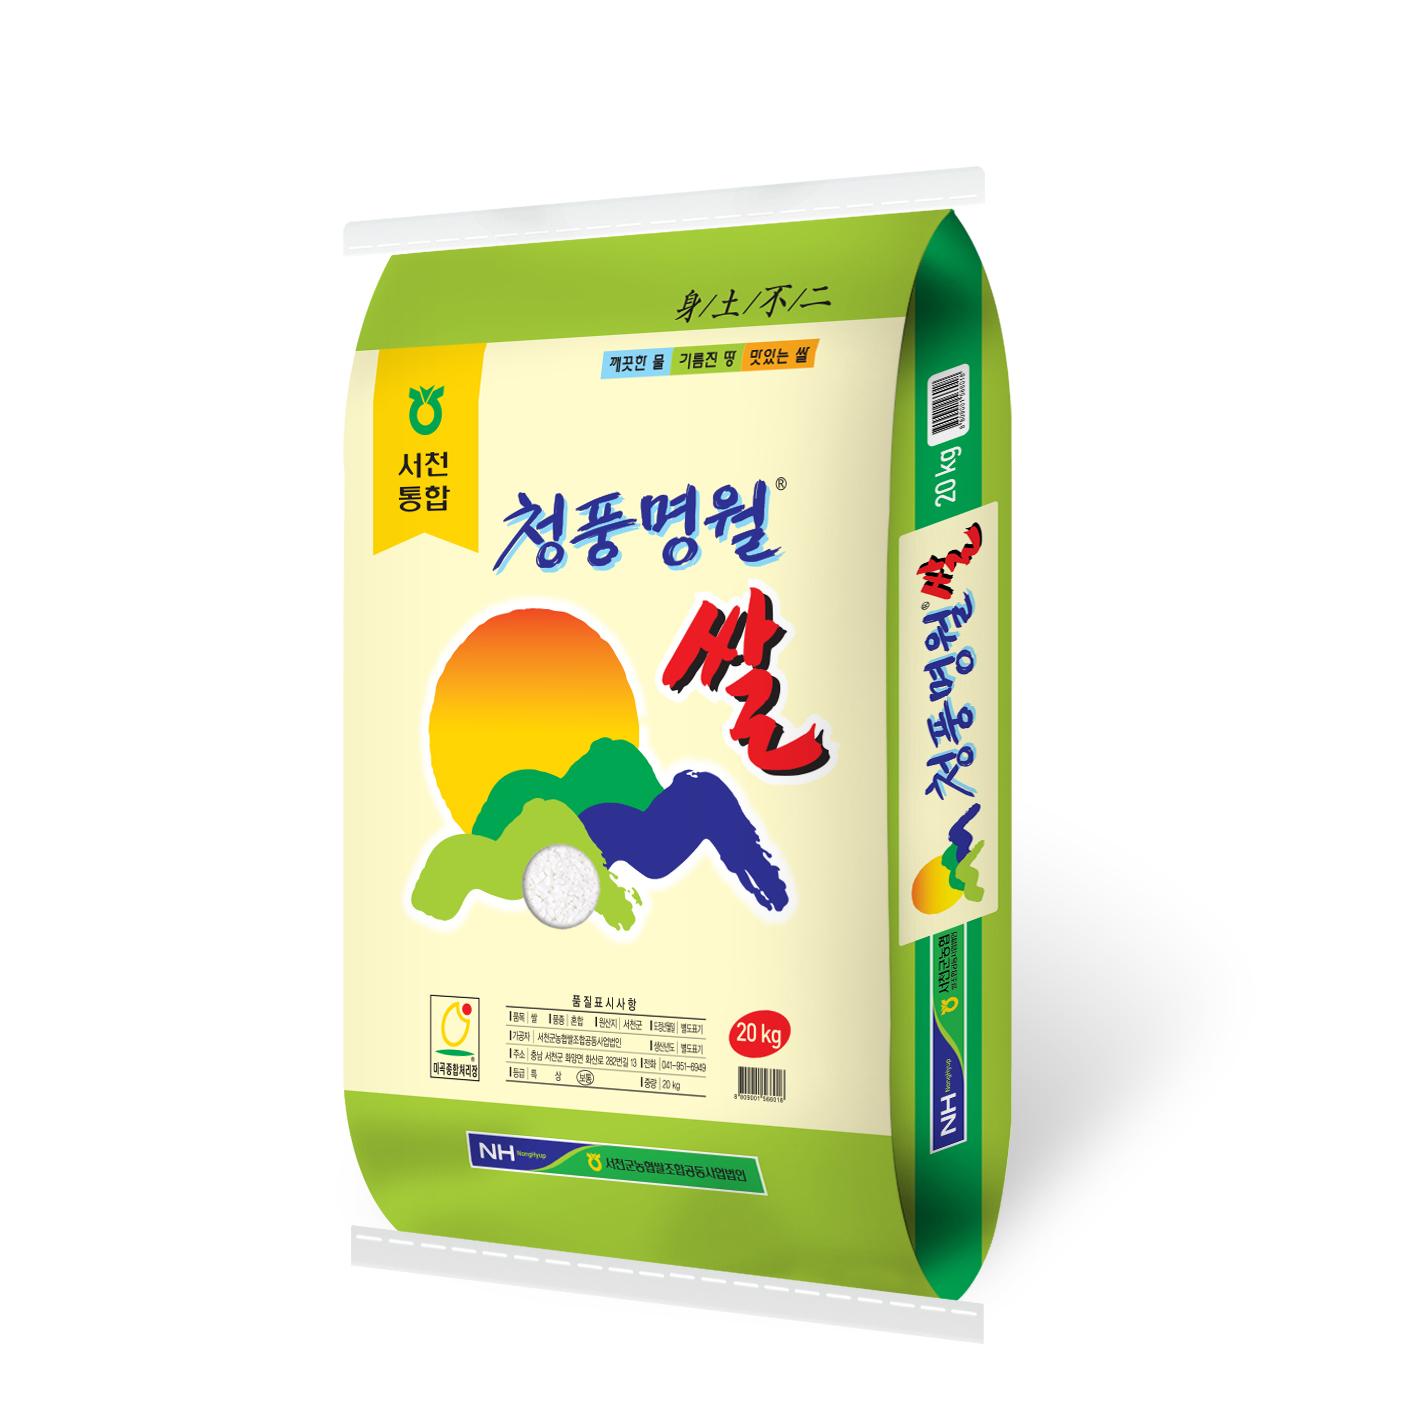 농협 2020년 햅쌀 청풍명월 쌀, 20kg, 1개